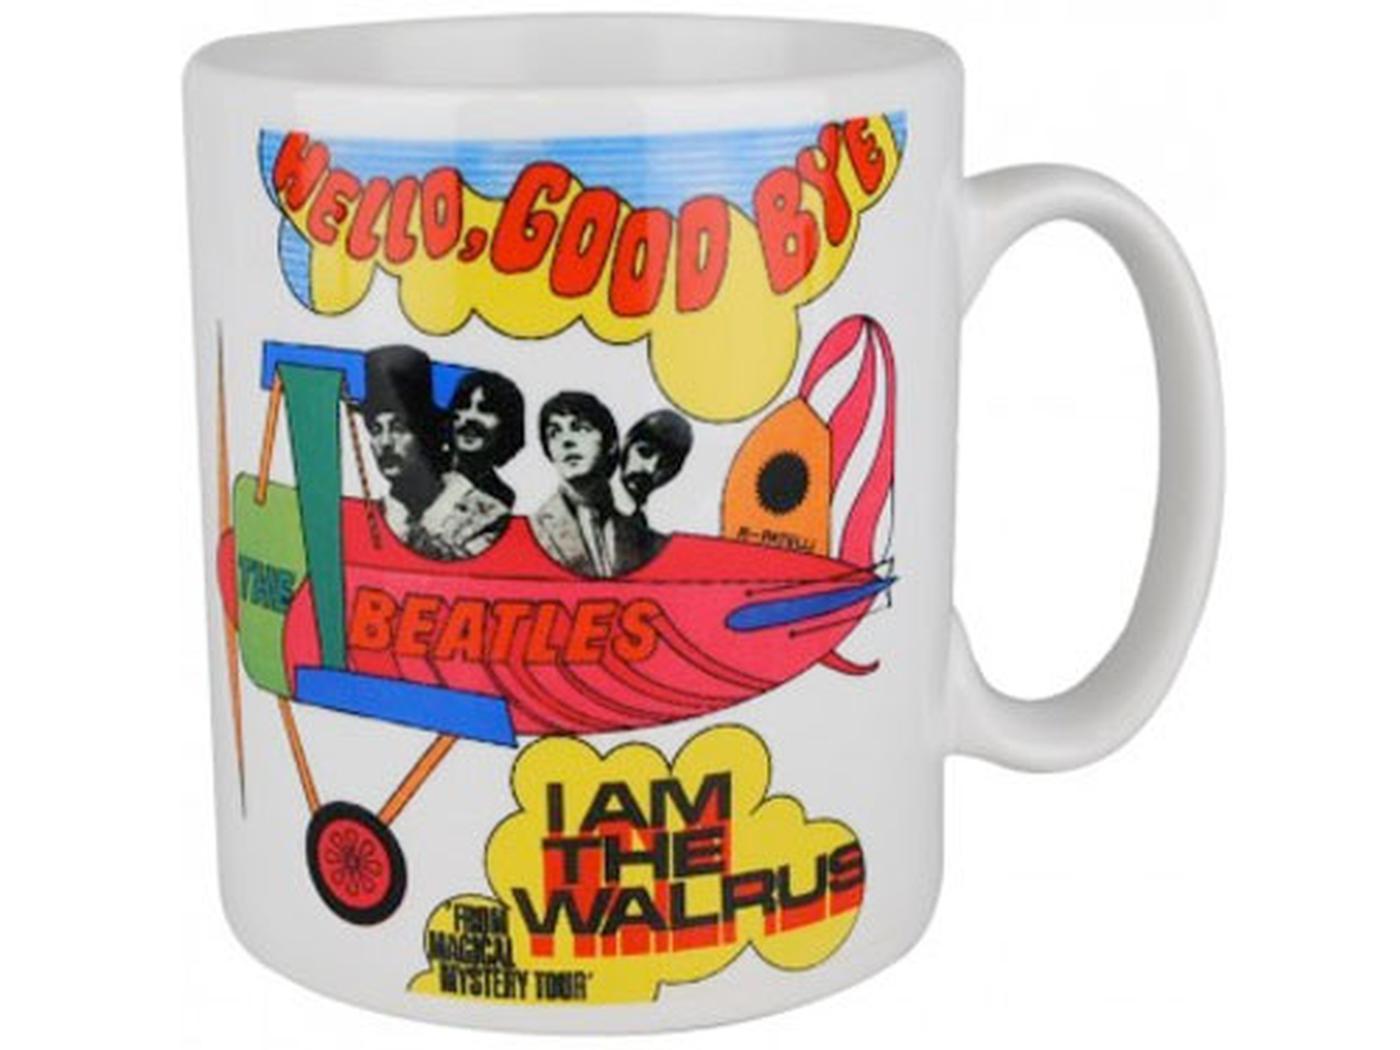 Hello Goodbye BEATLES Retro 60s Boxed Mug